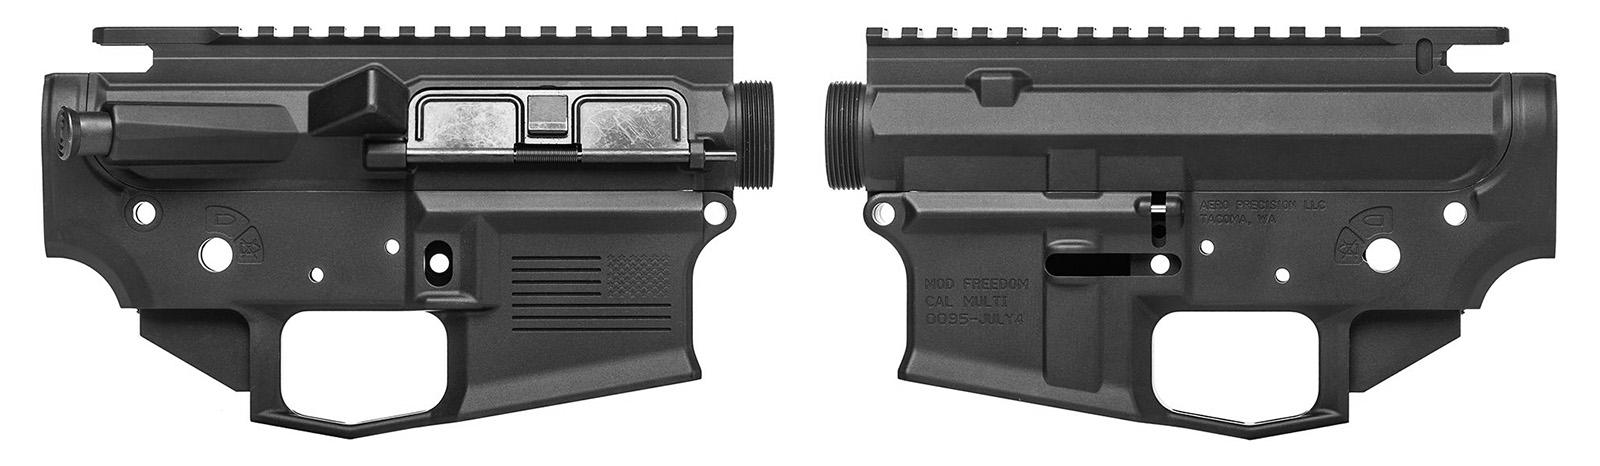 AR-15 Receiver Set